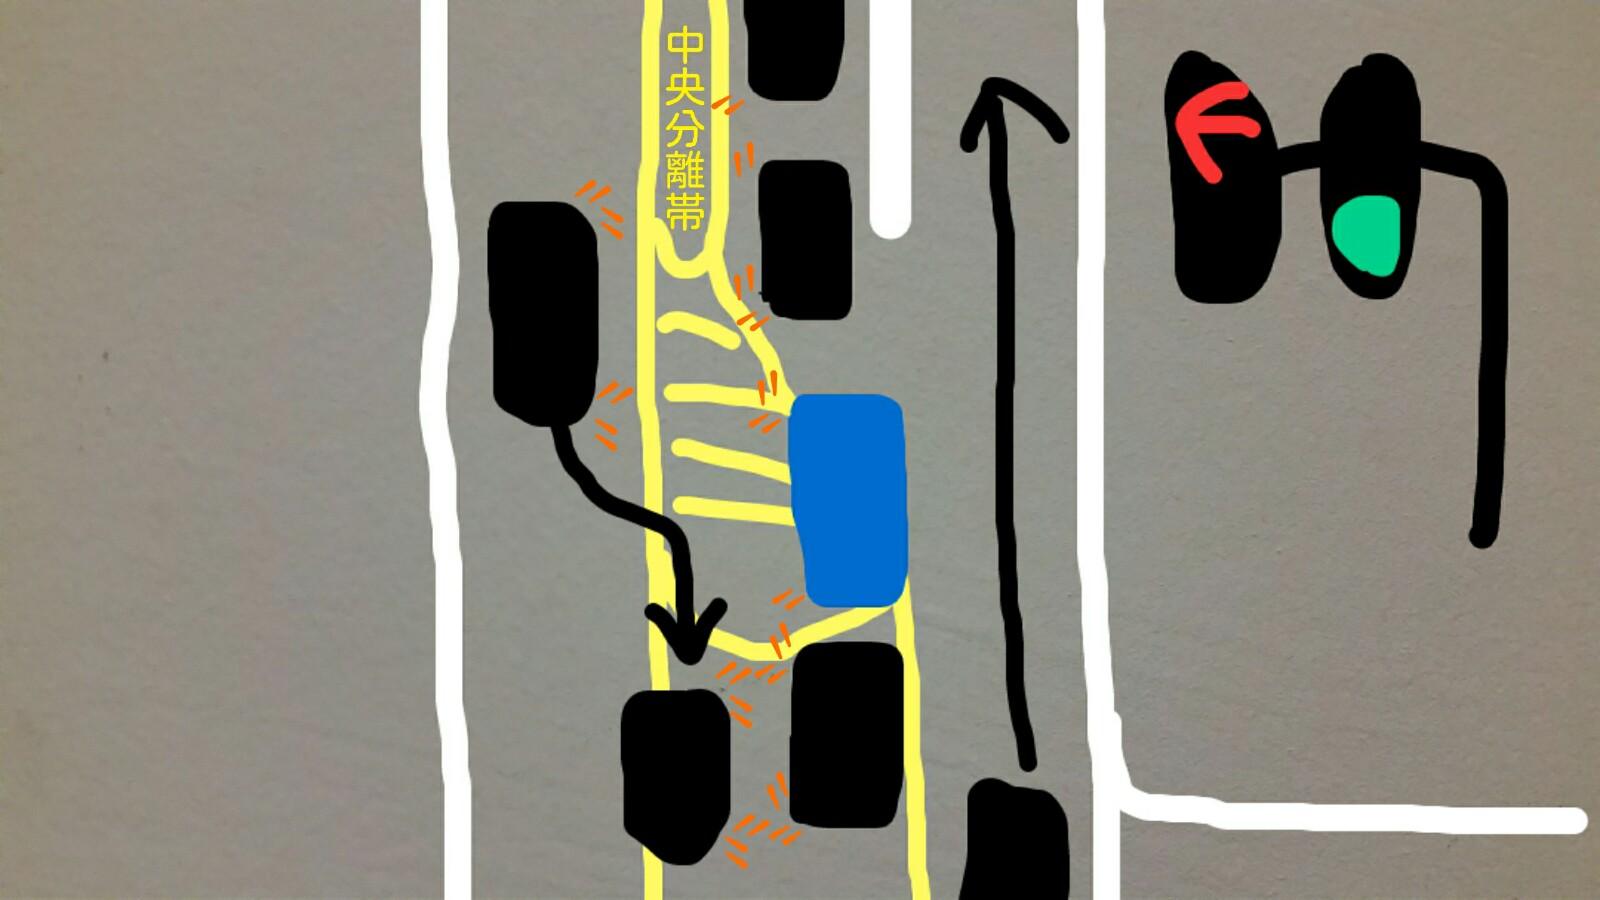 アメリカグアム中央車線センターレーン使い方混んでいる時